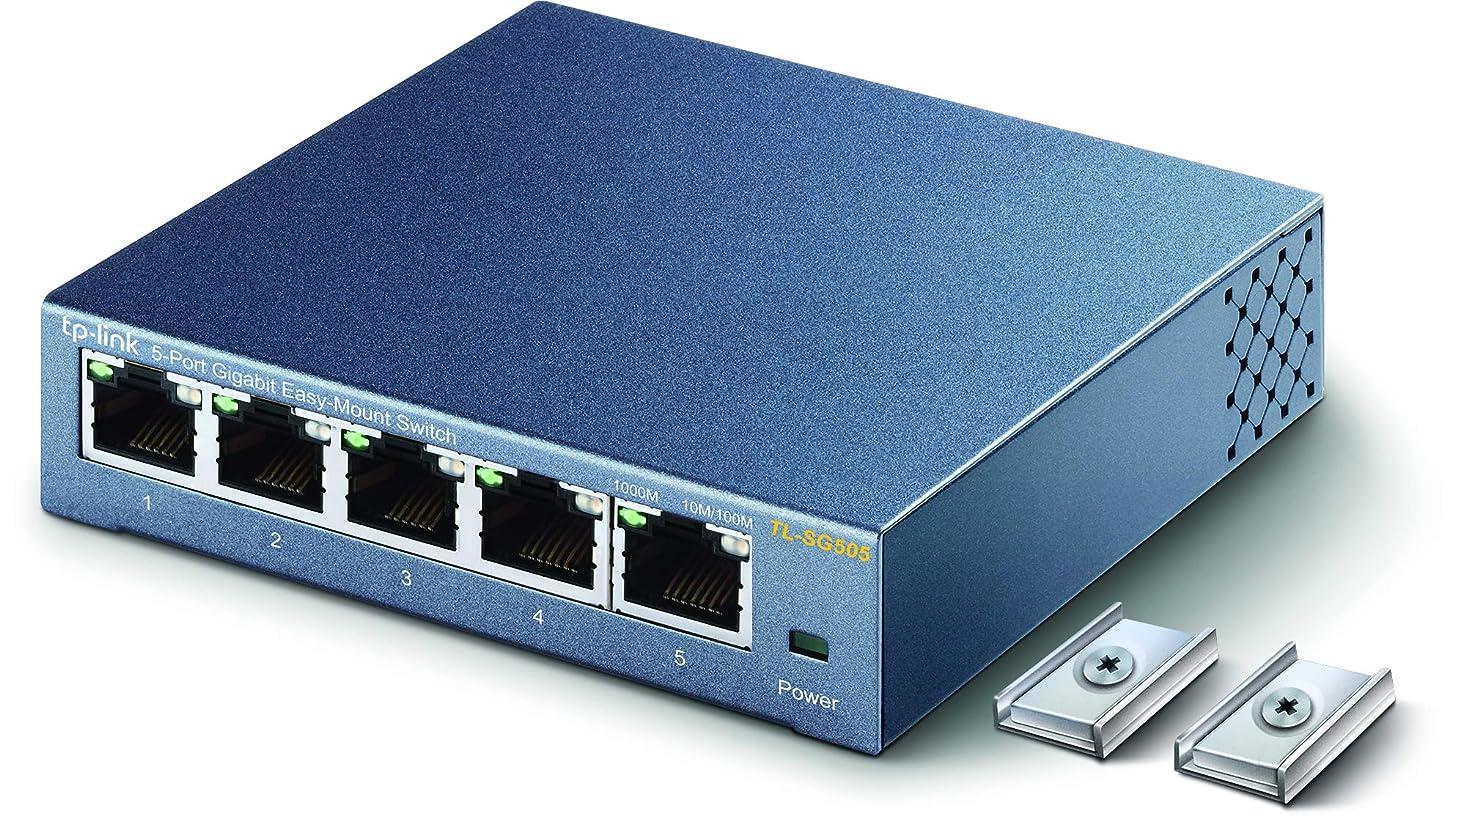 取り扱い使用法フロントNETGEAR スイッチングハブ ギガビット16ポート/金属シャーシ/設定不要/外部電源/ファンレス静音設計/省エネ/オフィス向け/無償永久保証 GS116-200JPS